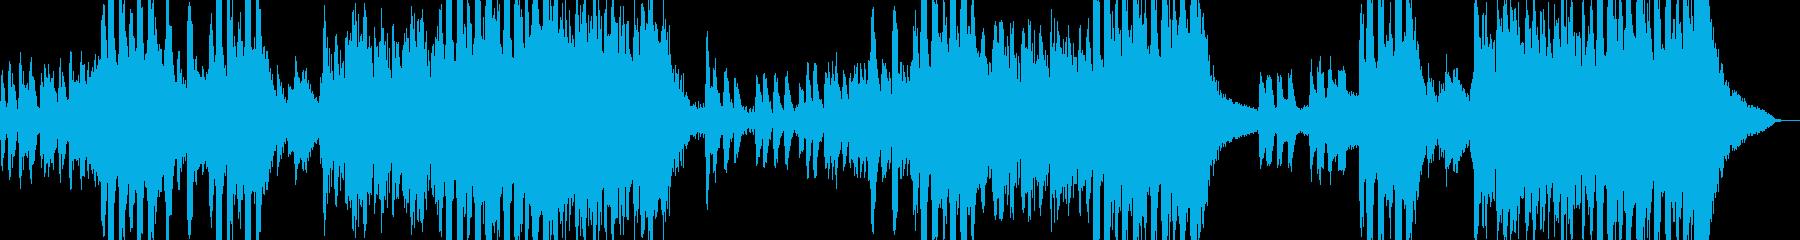 このエネルギッシュなオーケストラト...の再生済みの波形